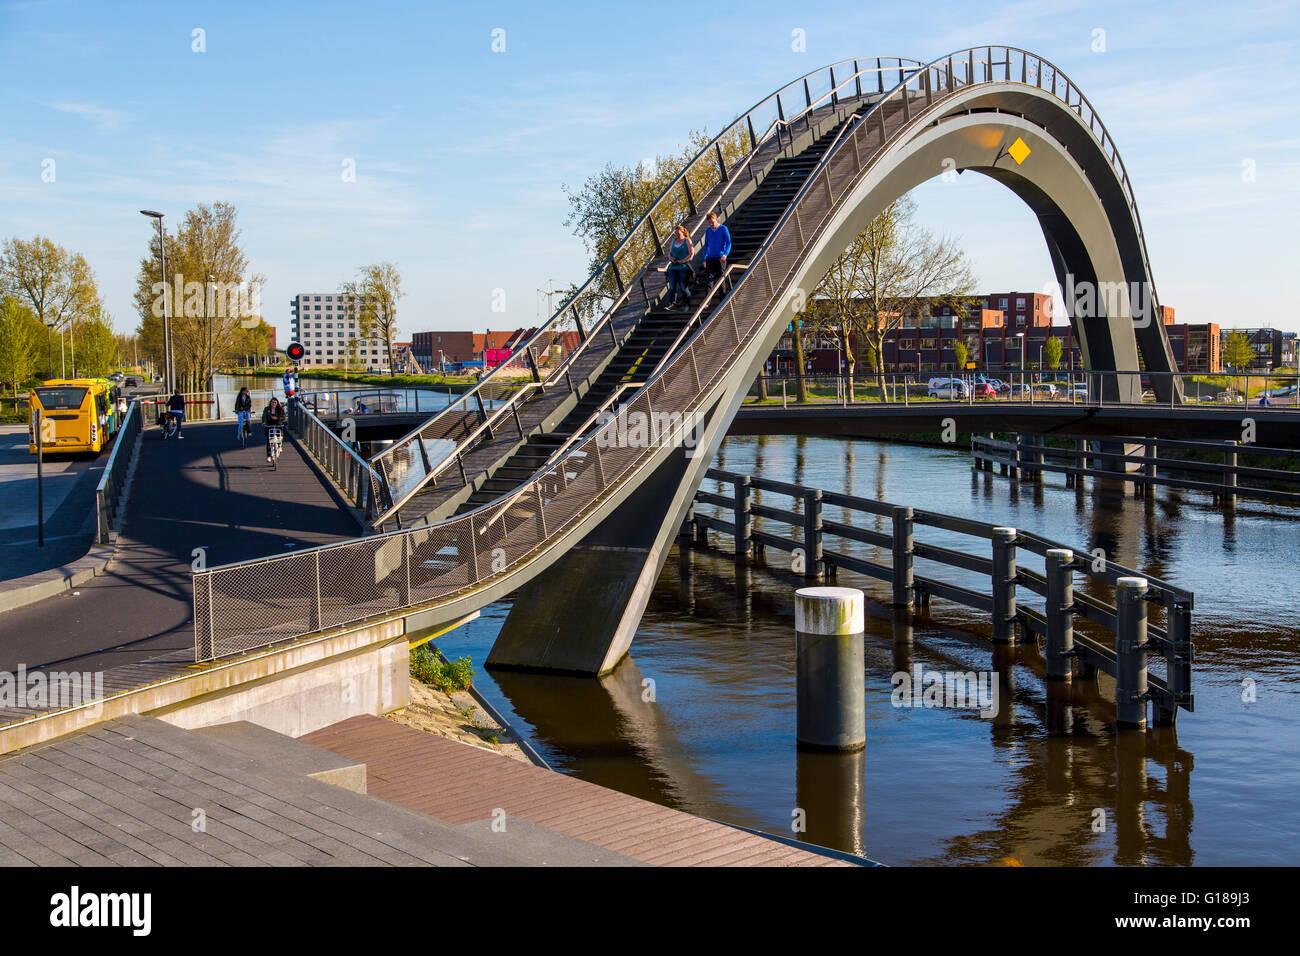 Cycle And Pedestrian Bridge Melkwegbruk In Purmerend